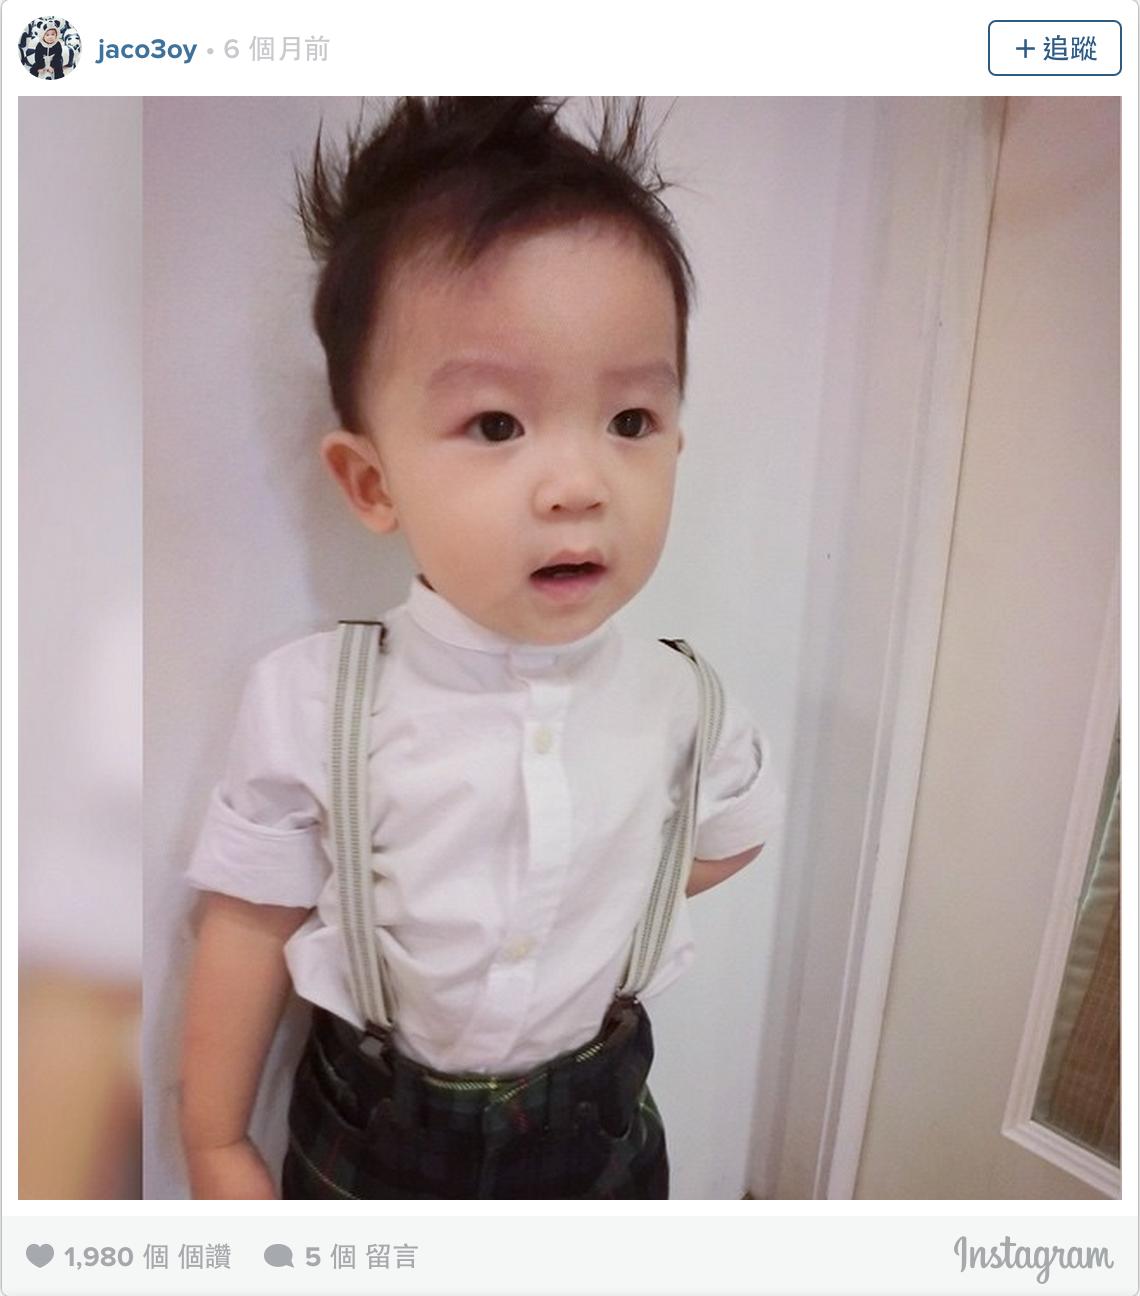 這個才23個月大的小男孩可能是下一個時尚指標,隨便穿搭好看到連模特兒都會覺得慚愧!